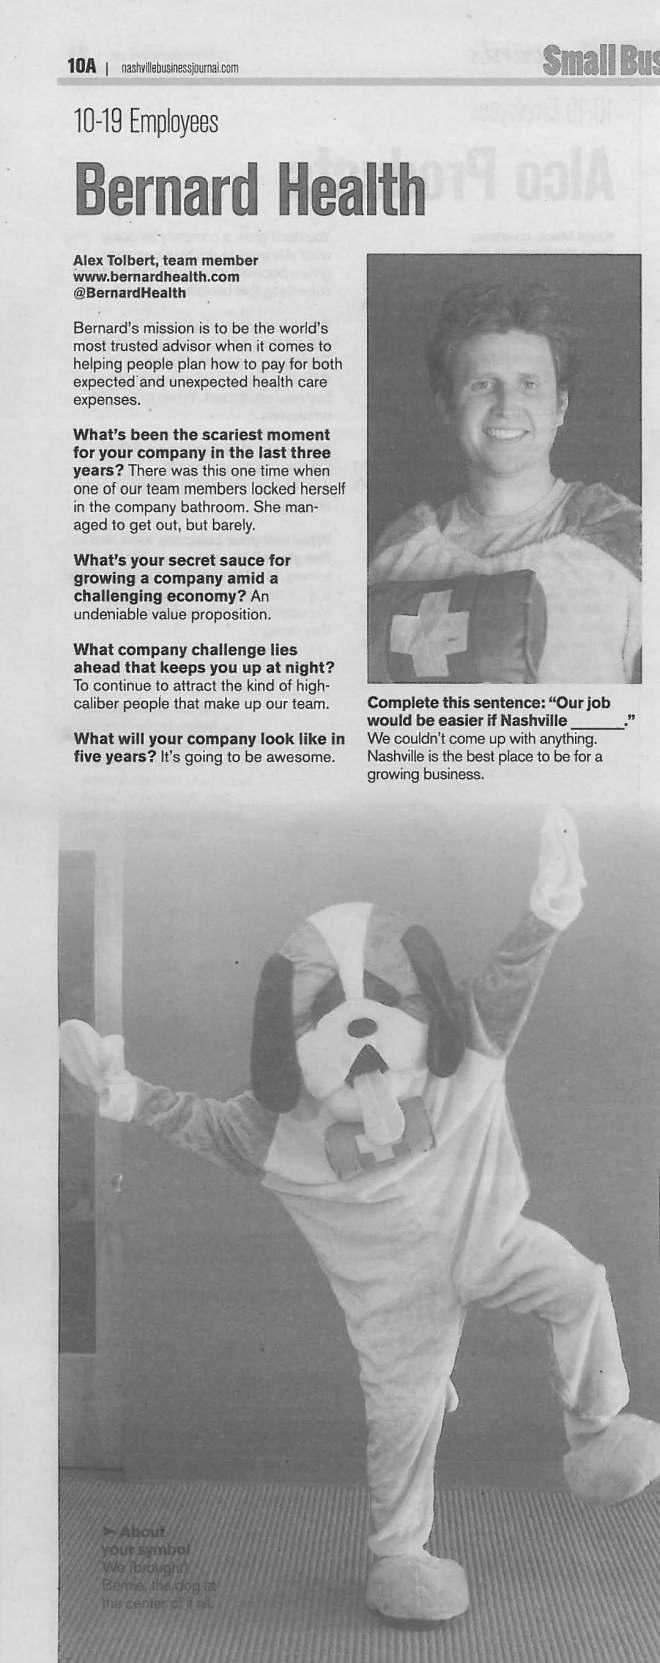 081712 NBJ SBA Bernard Health